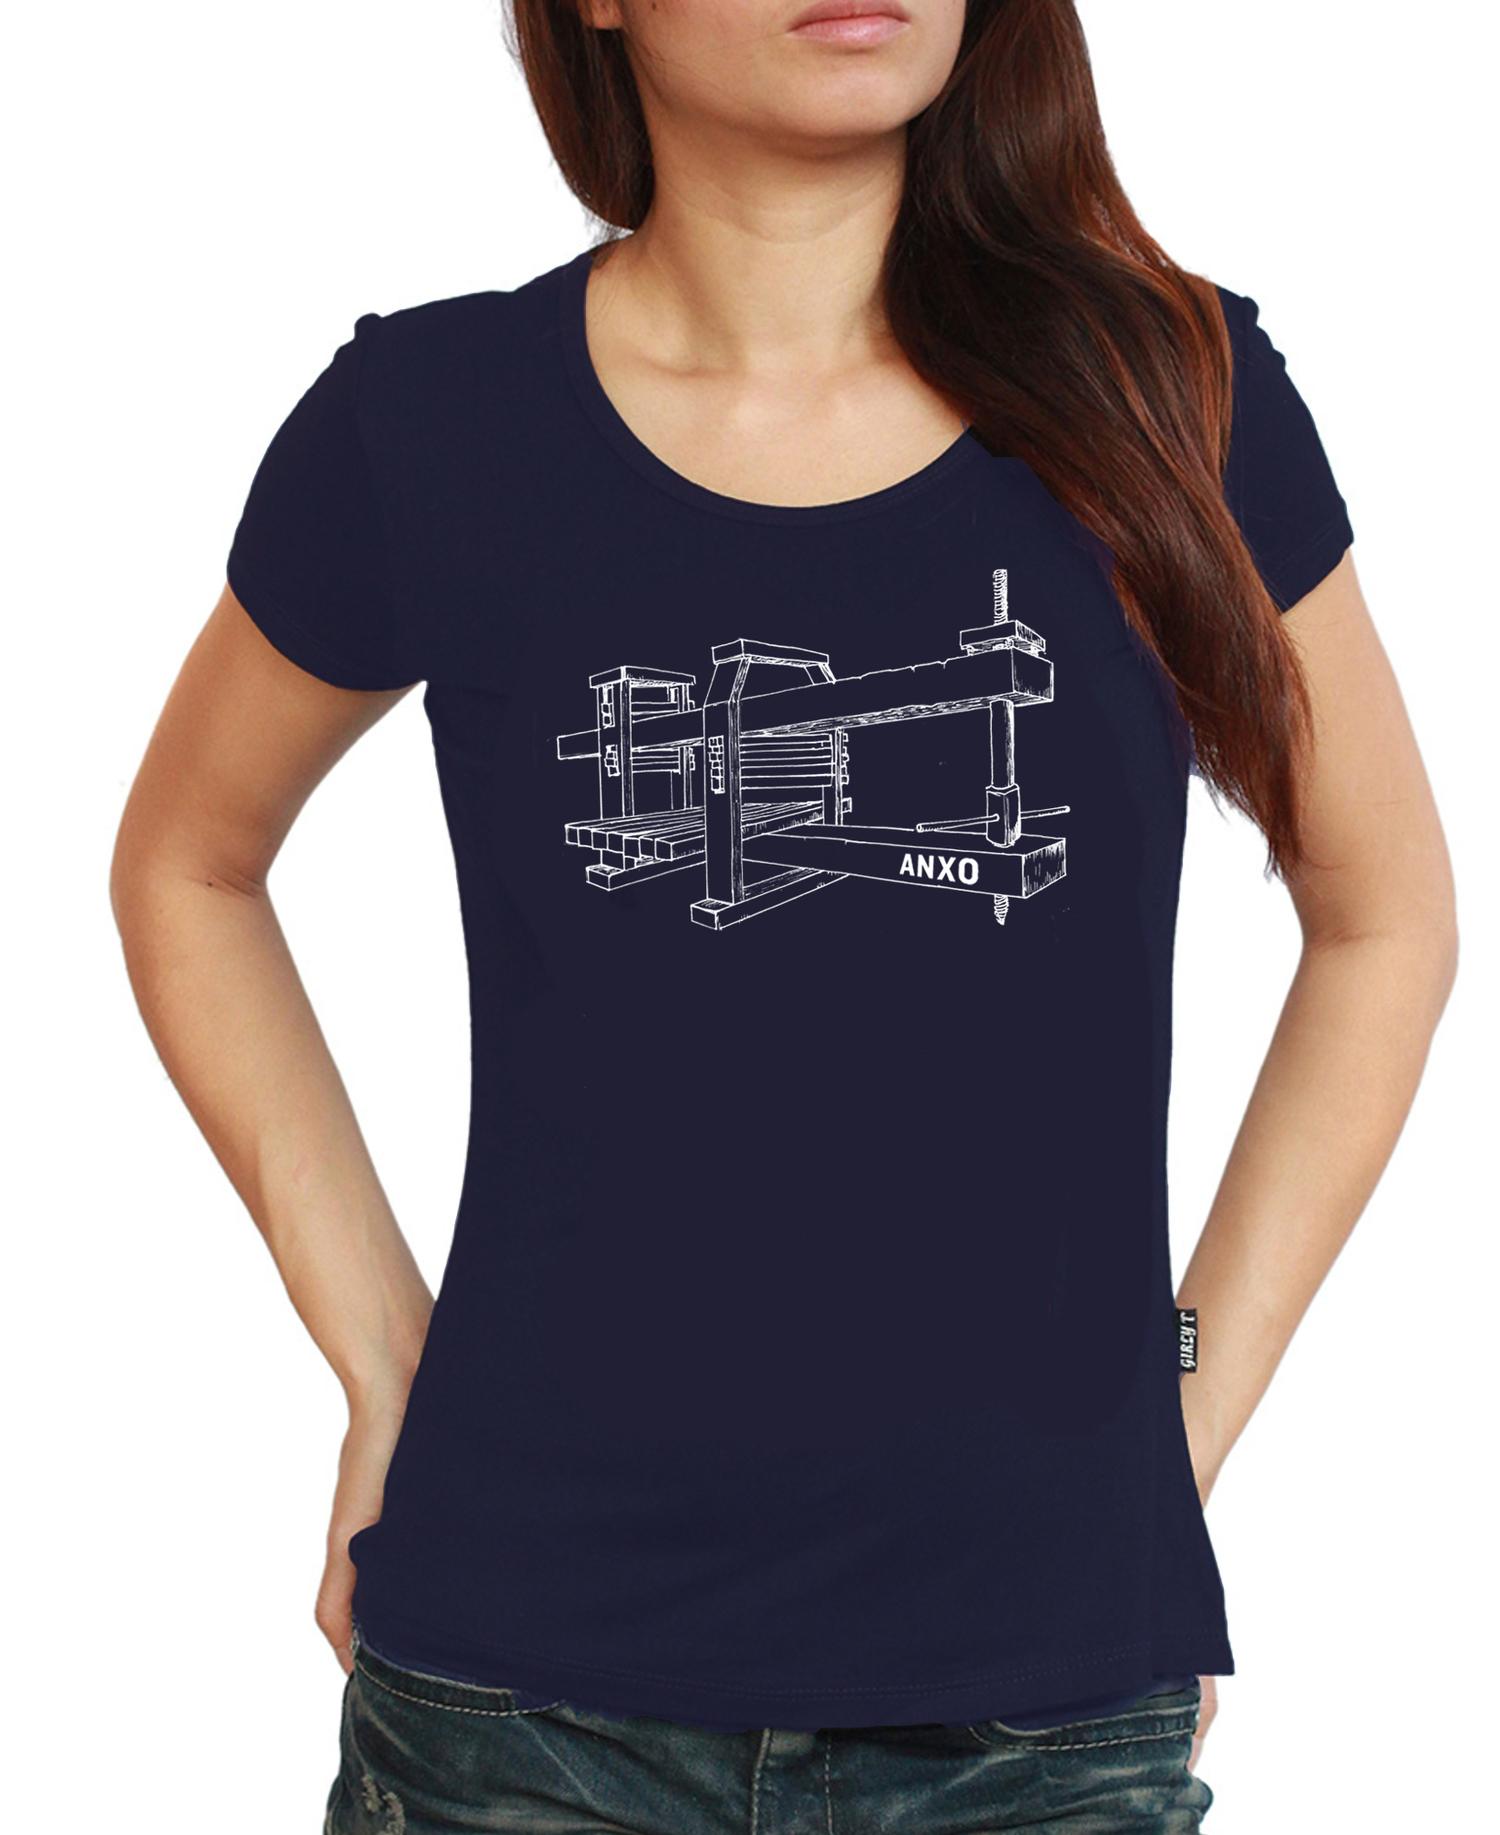 Black t shirt womens - Cider Press Tshirt Women